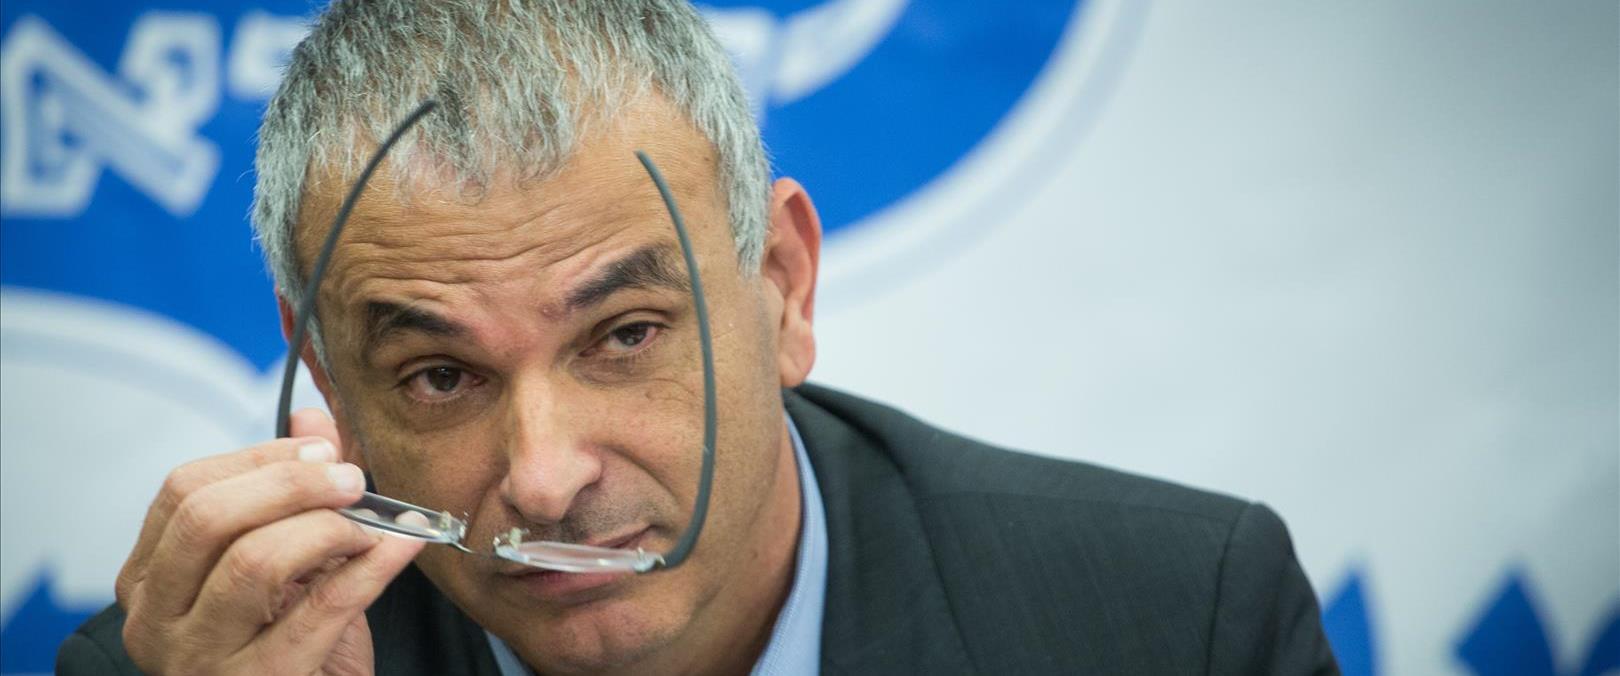 Israël doit augmenter ses taxes, impôts, TVA, internet bancaire pour faire face à sa chute économique selon l'OCDE